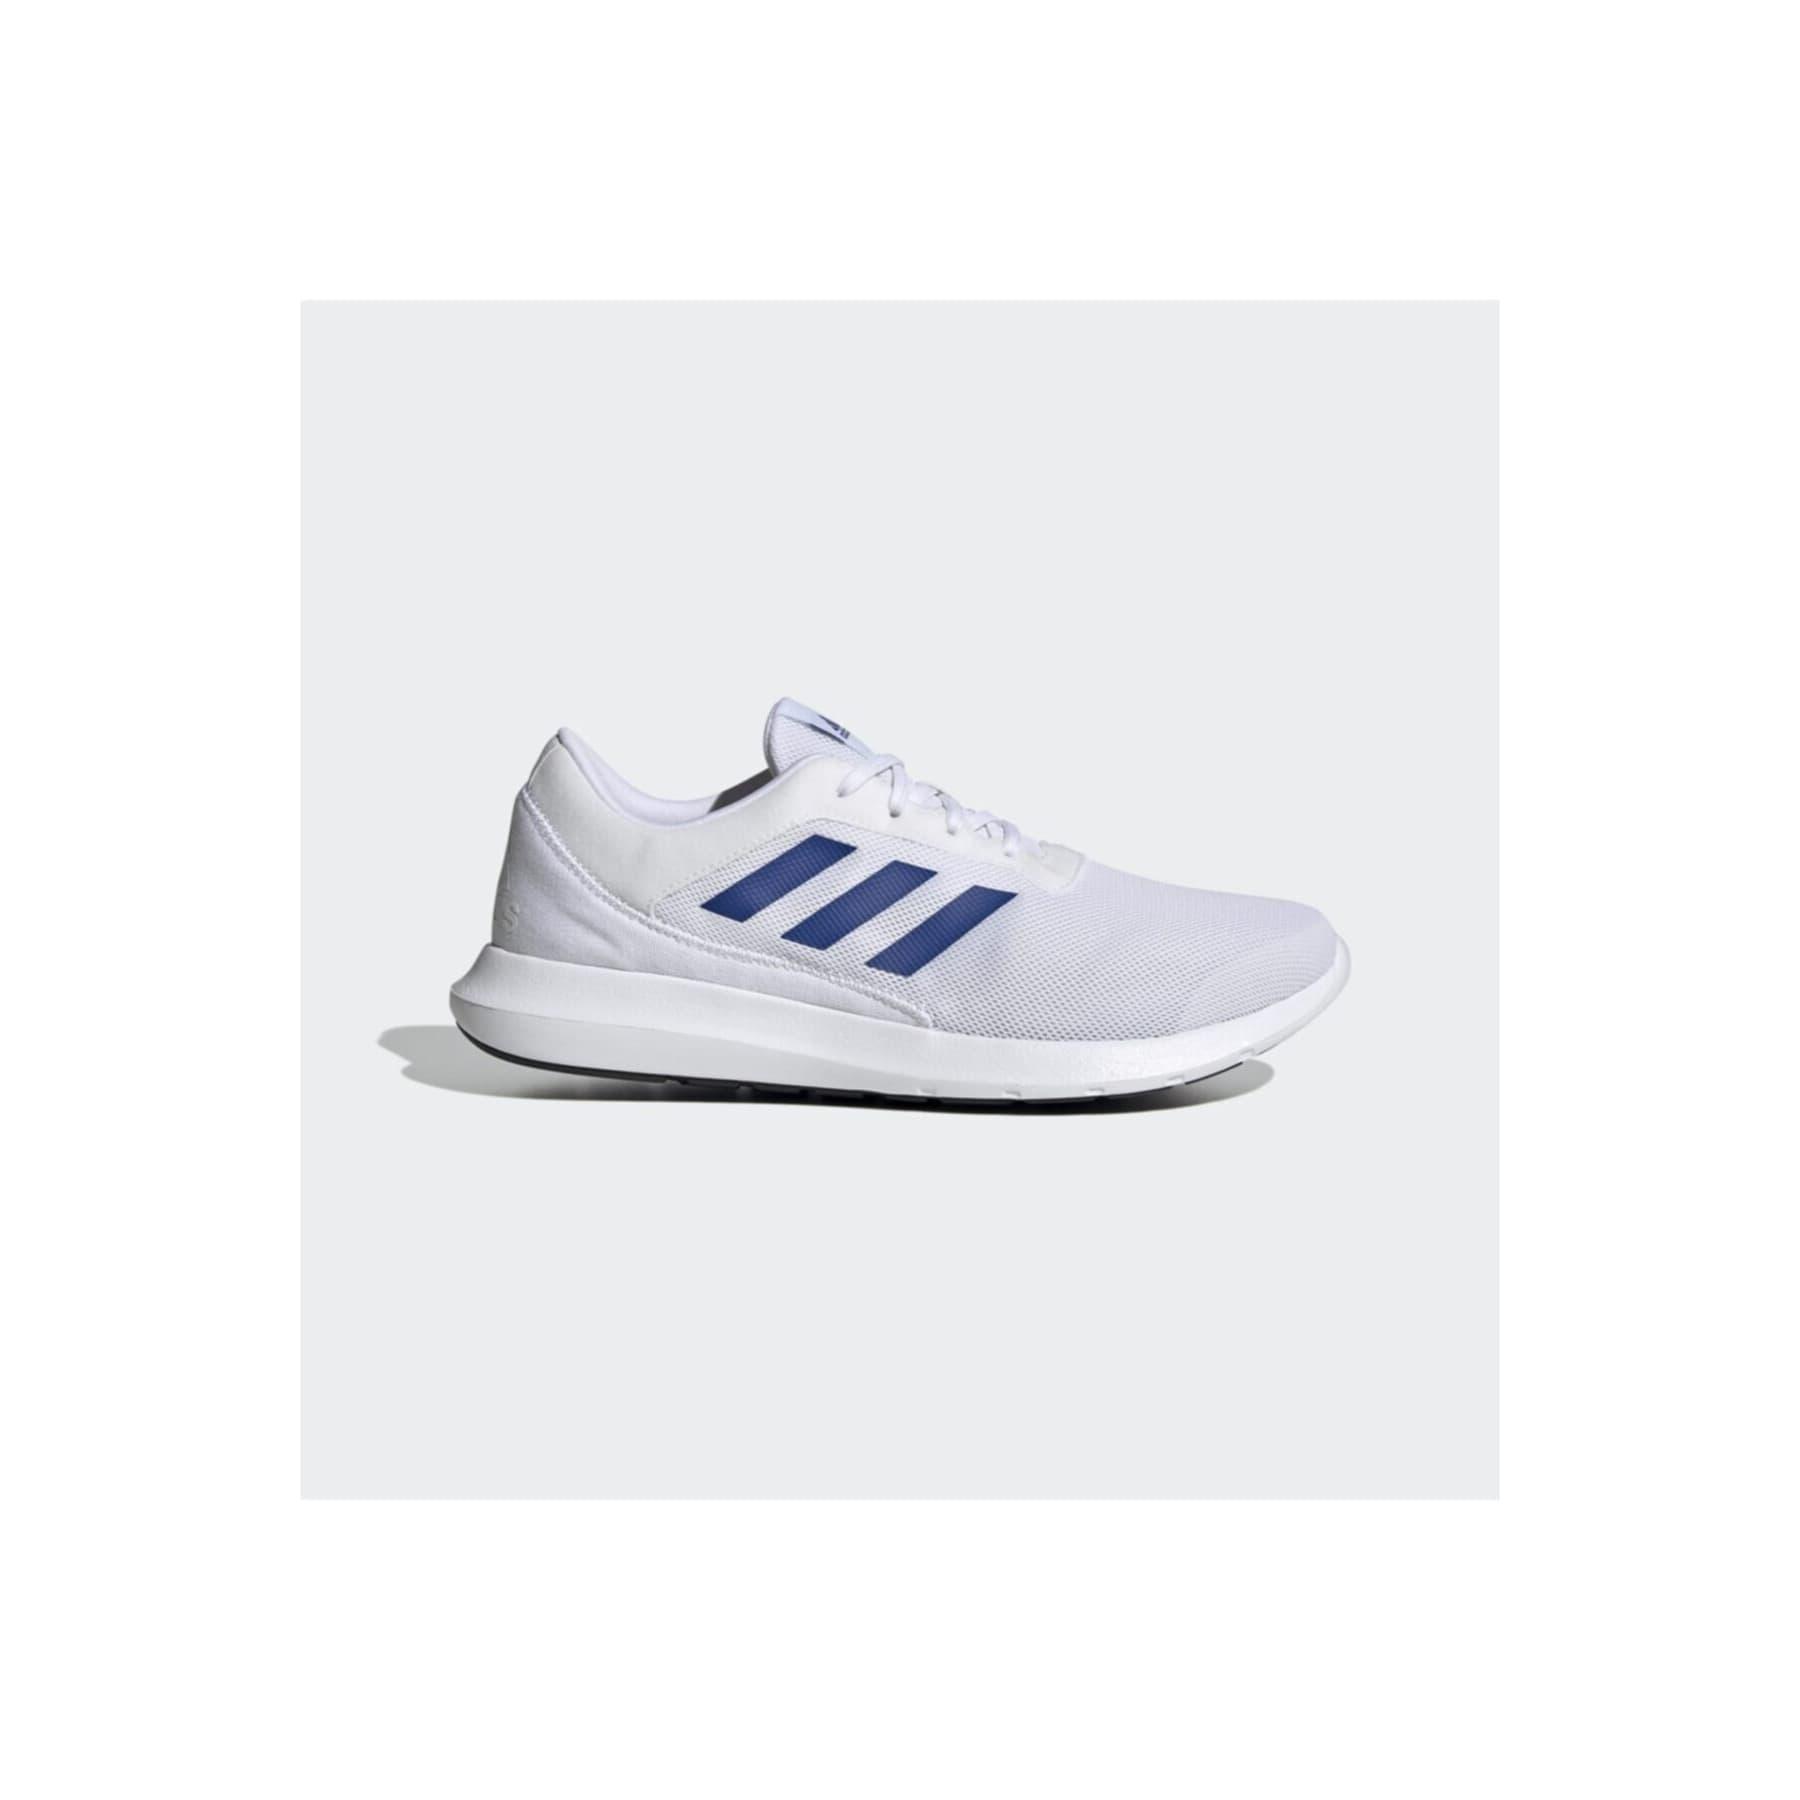 Coreracer Erkek Beyaz Koşu Ayakkabısı (FX3592)